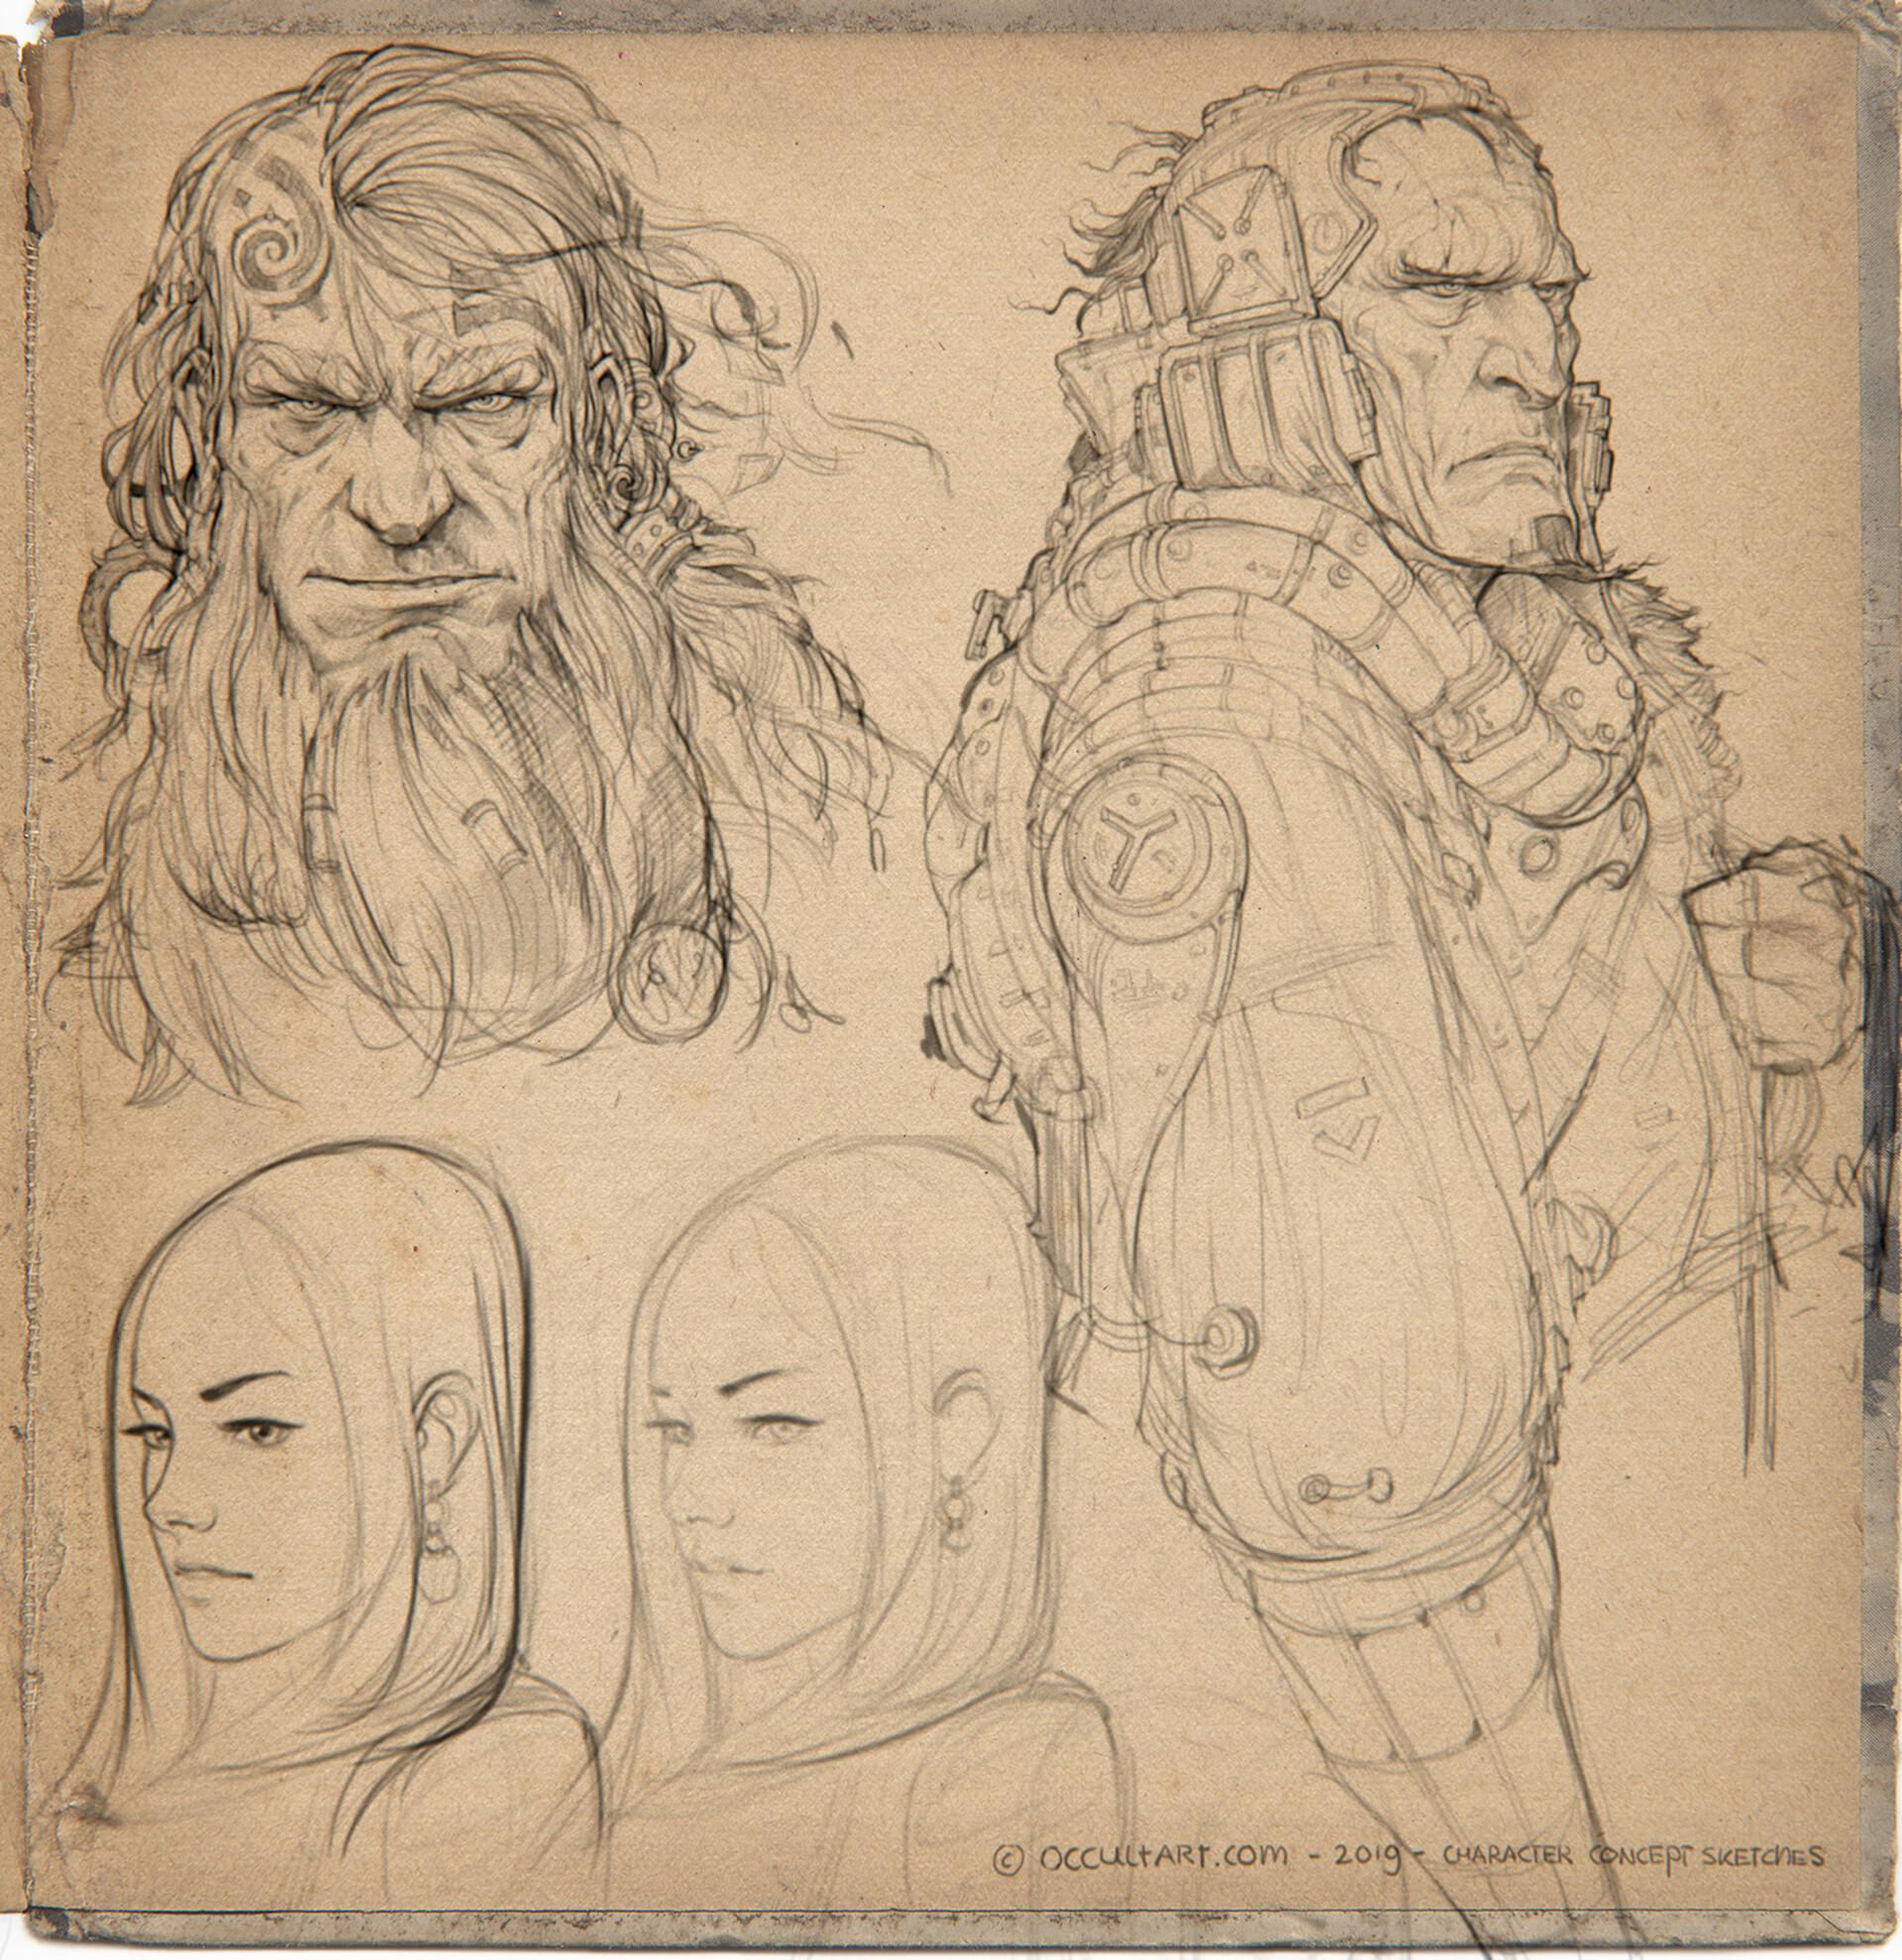 Occultart   concept sketches a01 004